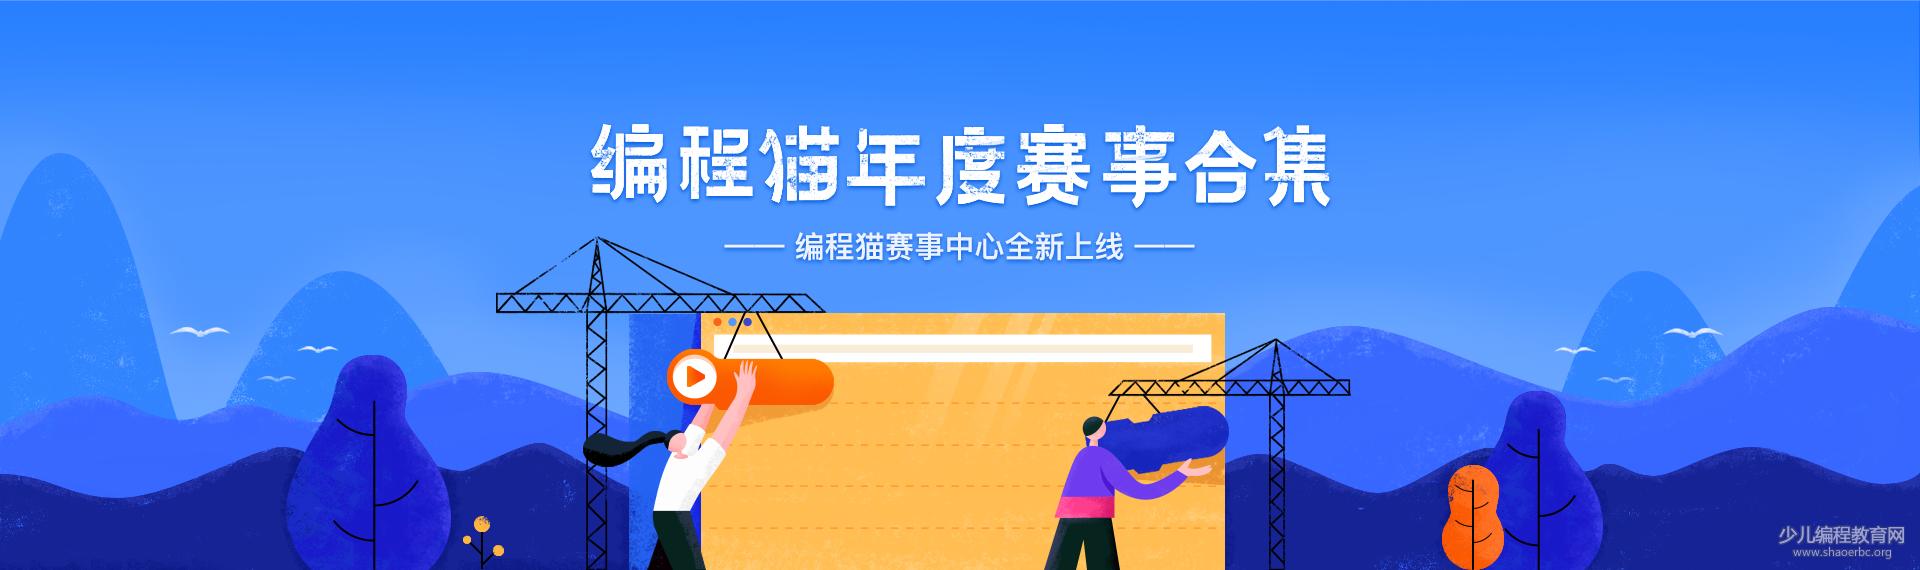 赛事中心-少儿编程教育网